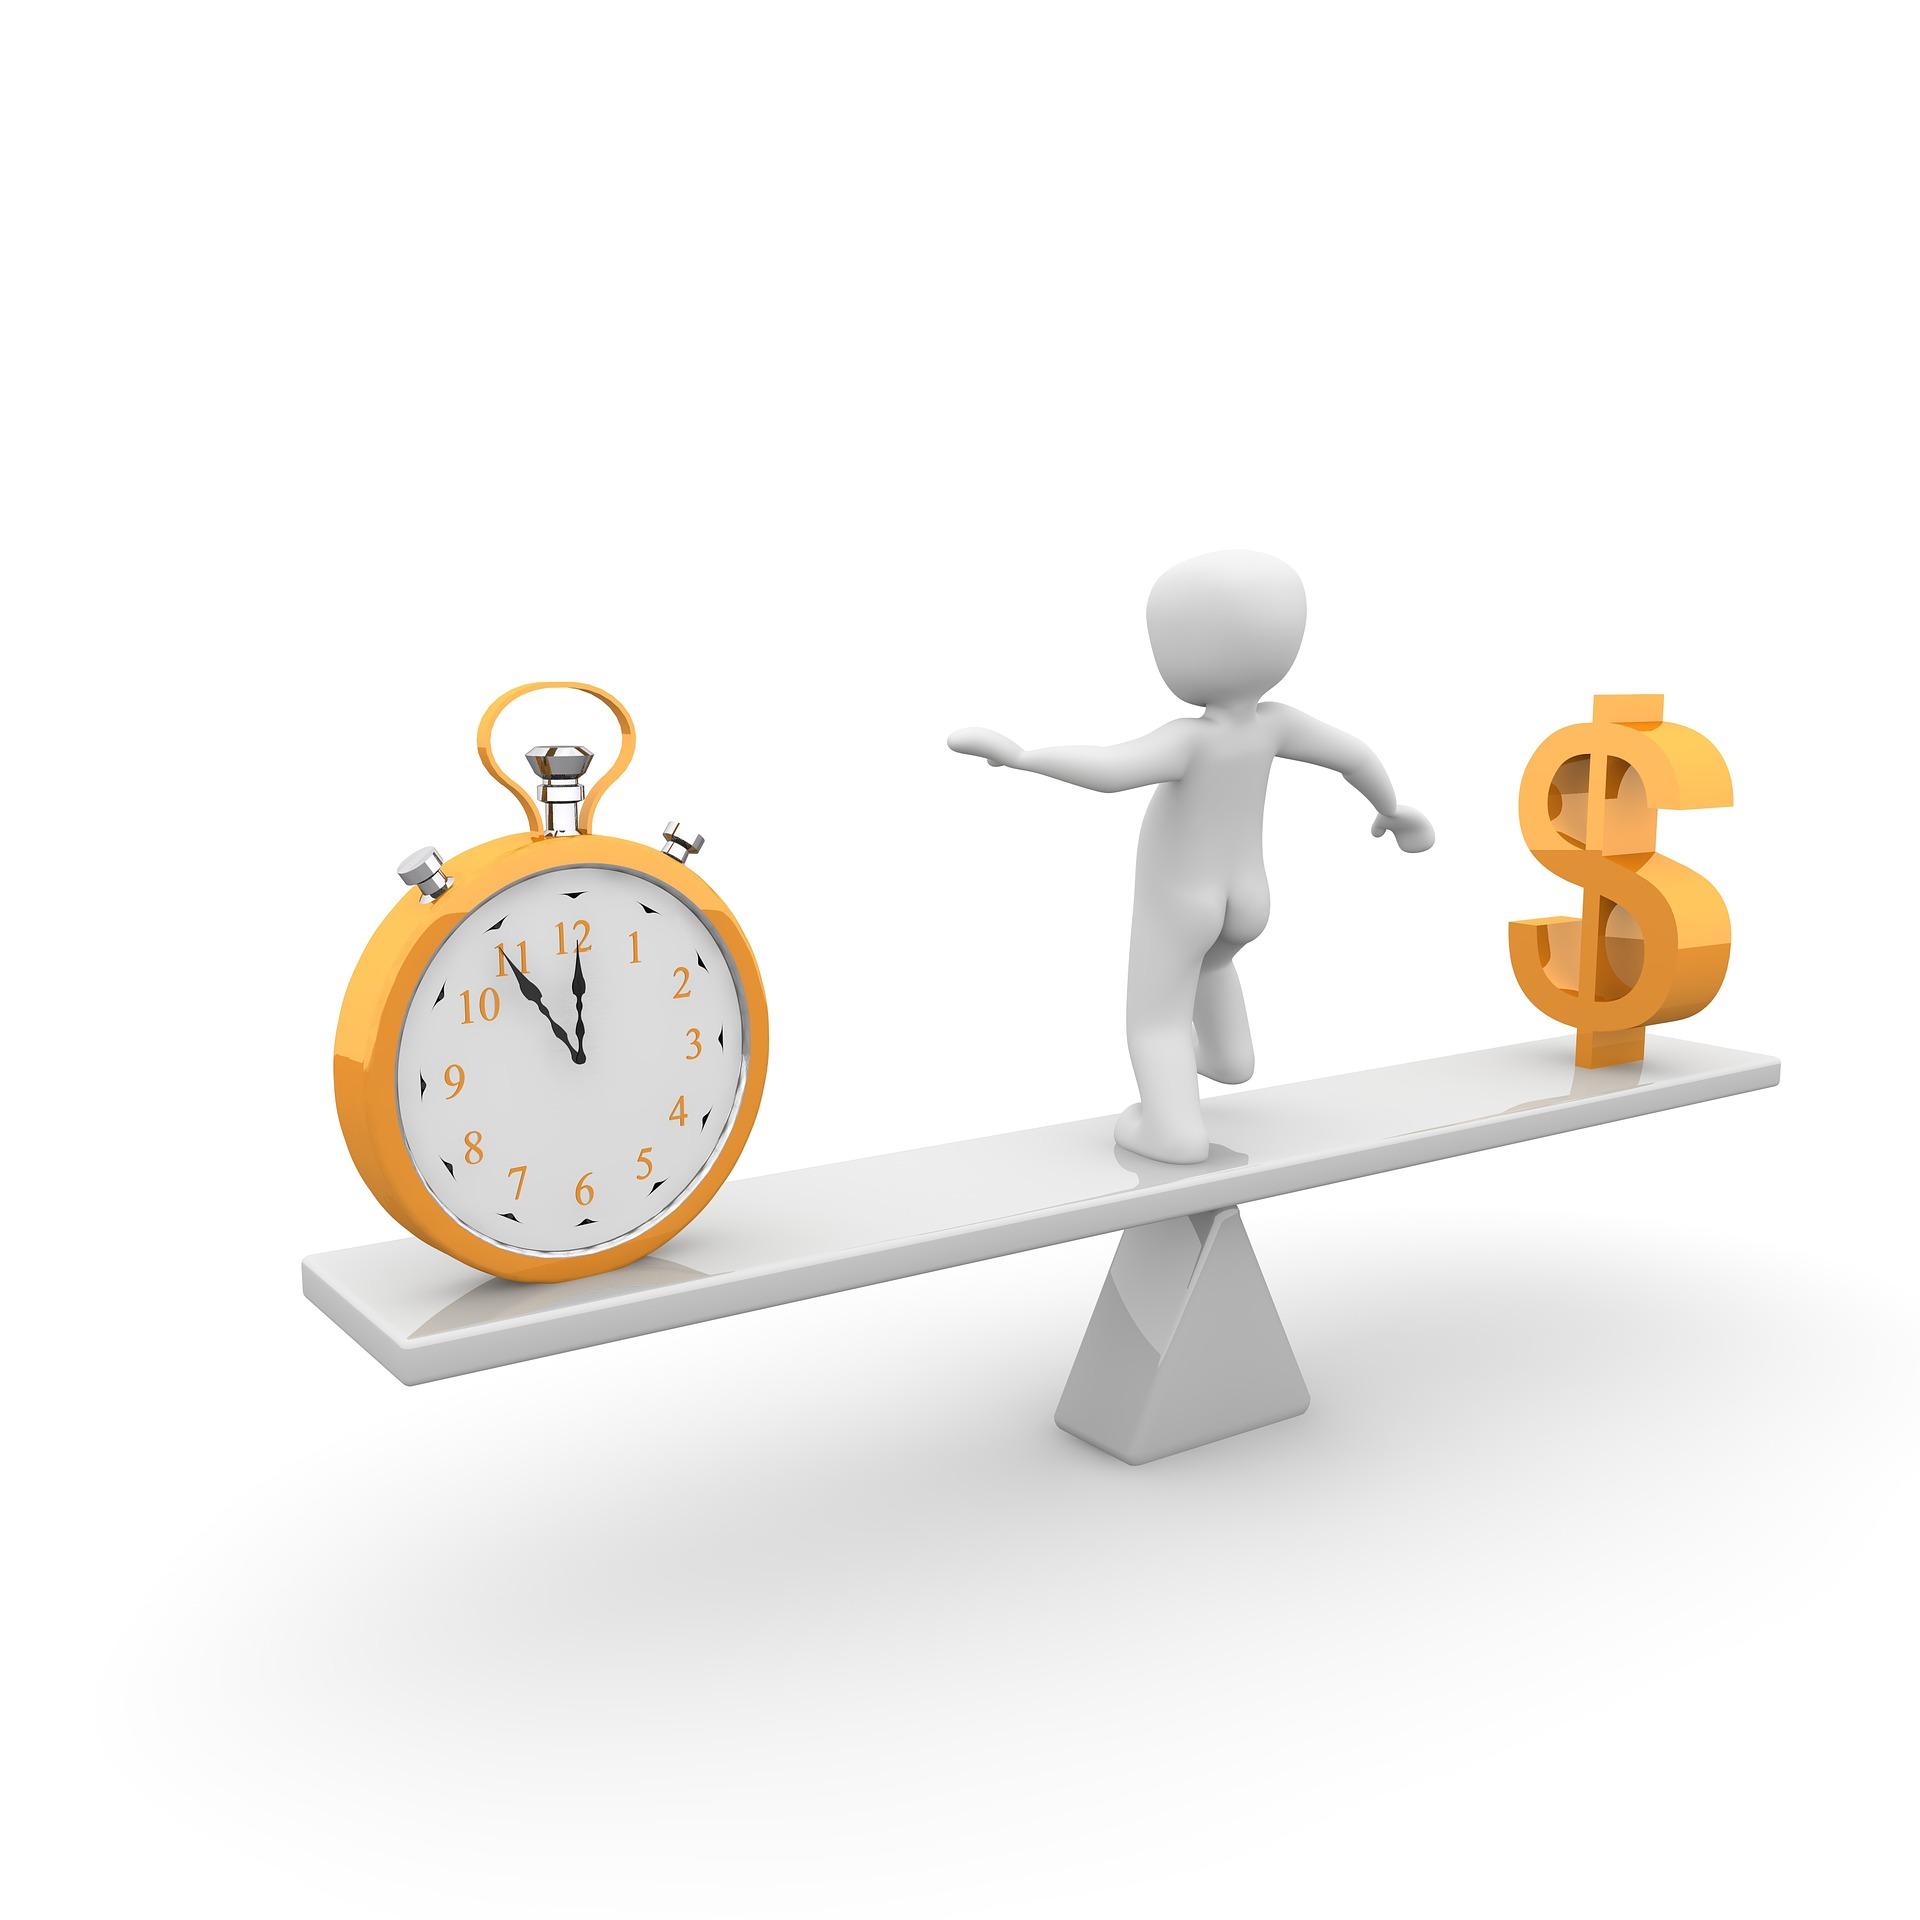 Odroczenie spłaty odsetek od pożyczki Małgorzata Gach